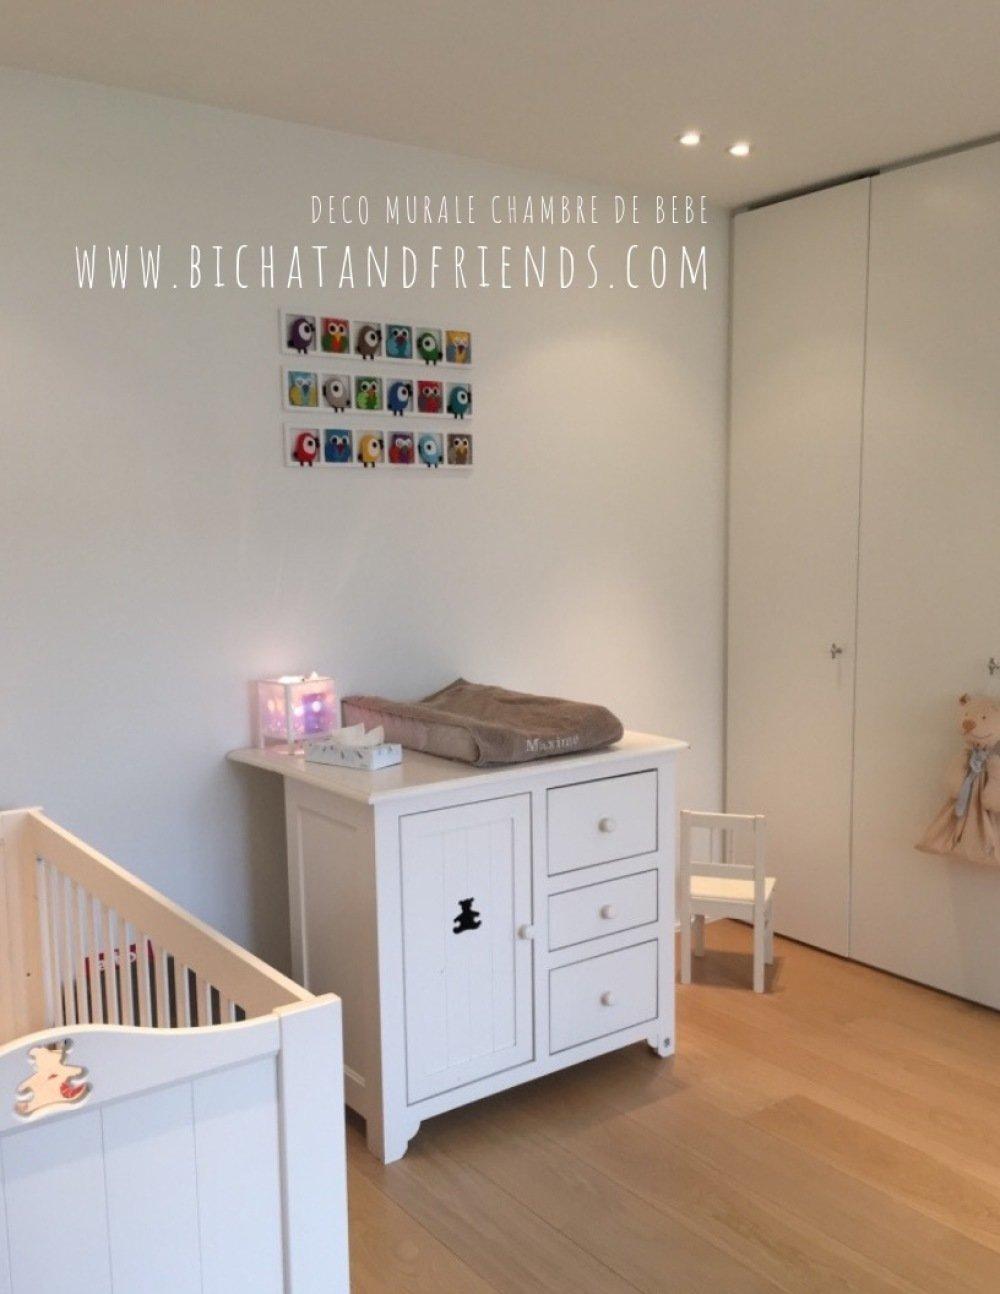 Deco Chambre Bebe Fille decoration chambre enfant | bebe | cadre mural | hiboux oiseaux  multicolores | cadeau bébé fille et garçon